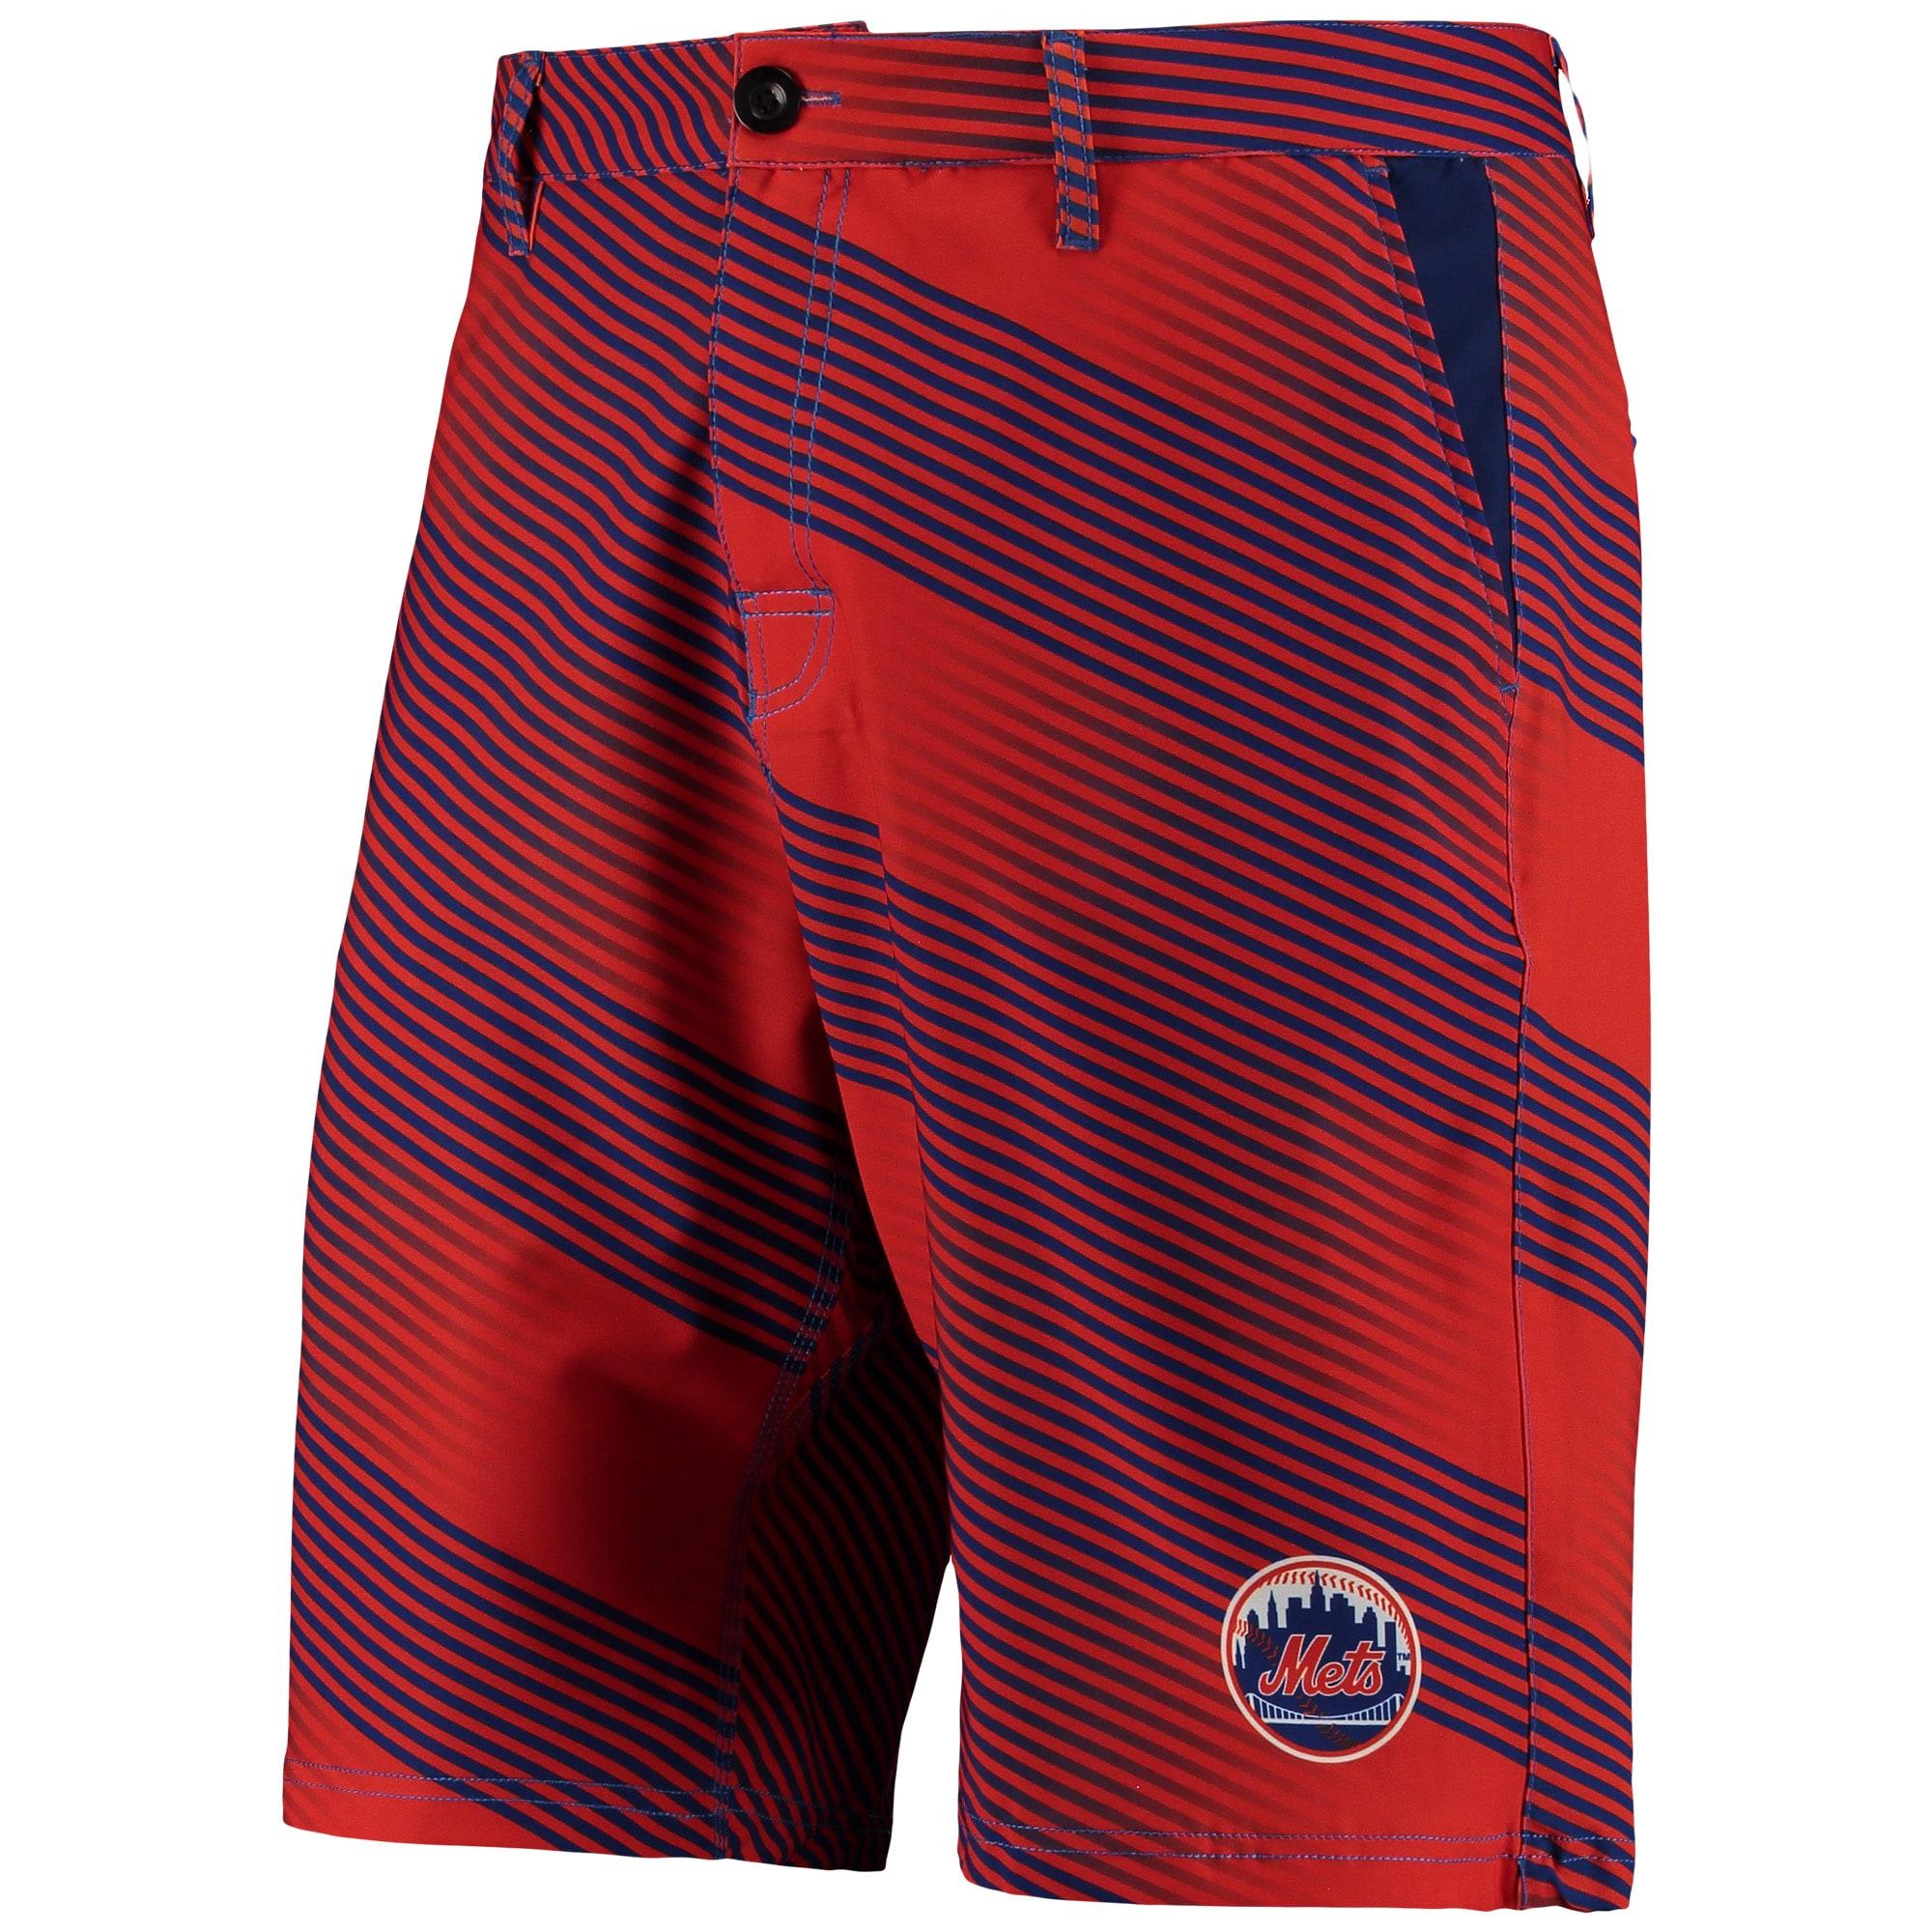 New York Mets Diagonal Stripe Walking Shorts - Orange/Royal